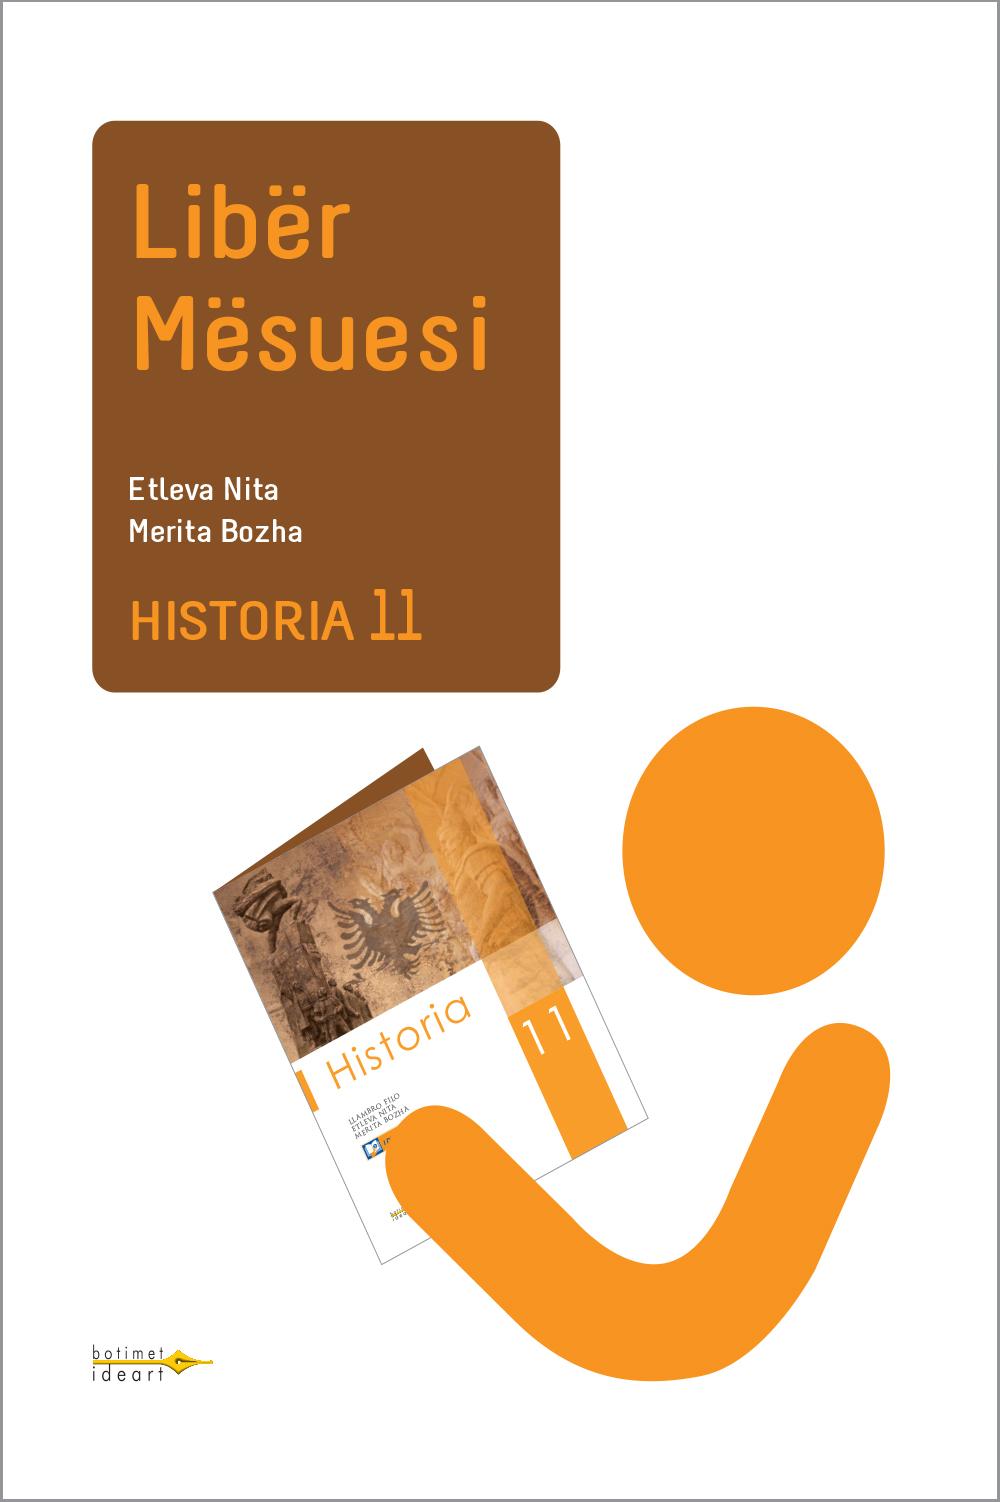 Historia 11<br>Libër Mësuesi